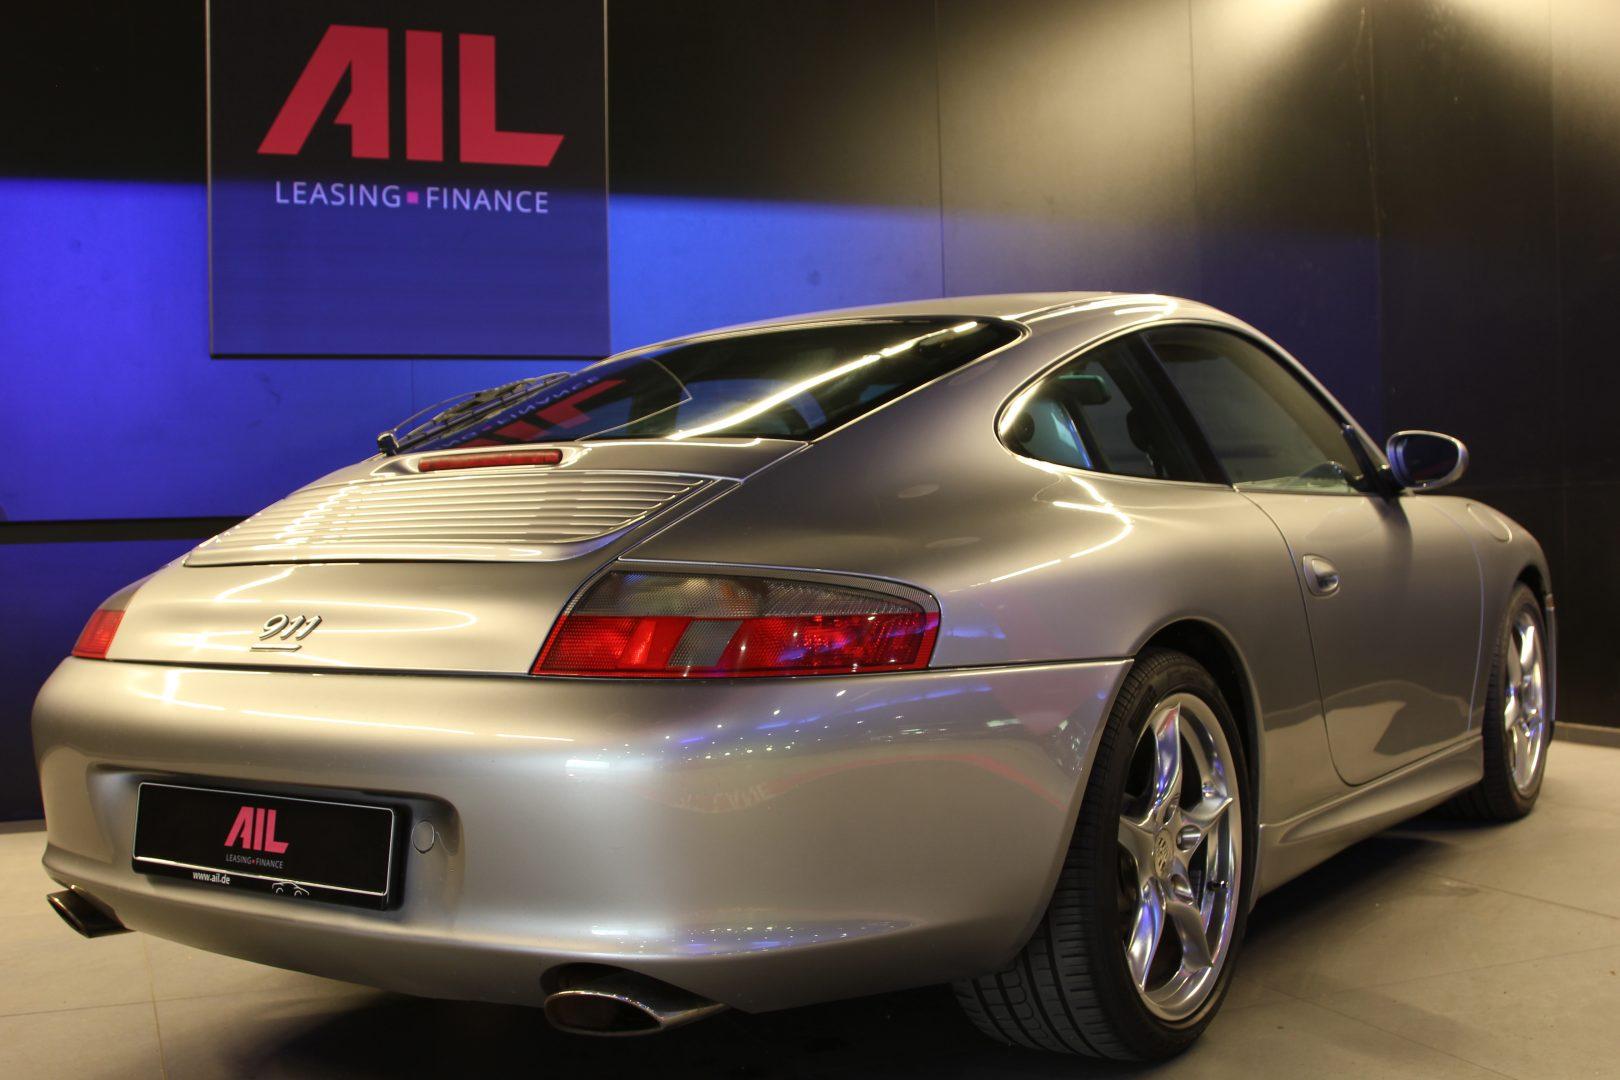 AIL Porsche 911 996 Coupe 40 Jahre 911 PCM BOSE 2